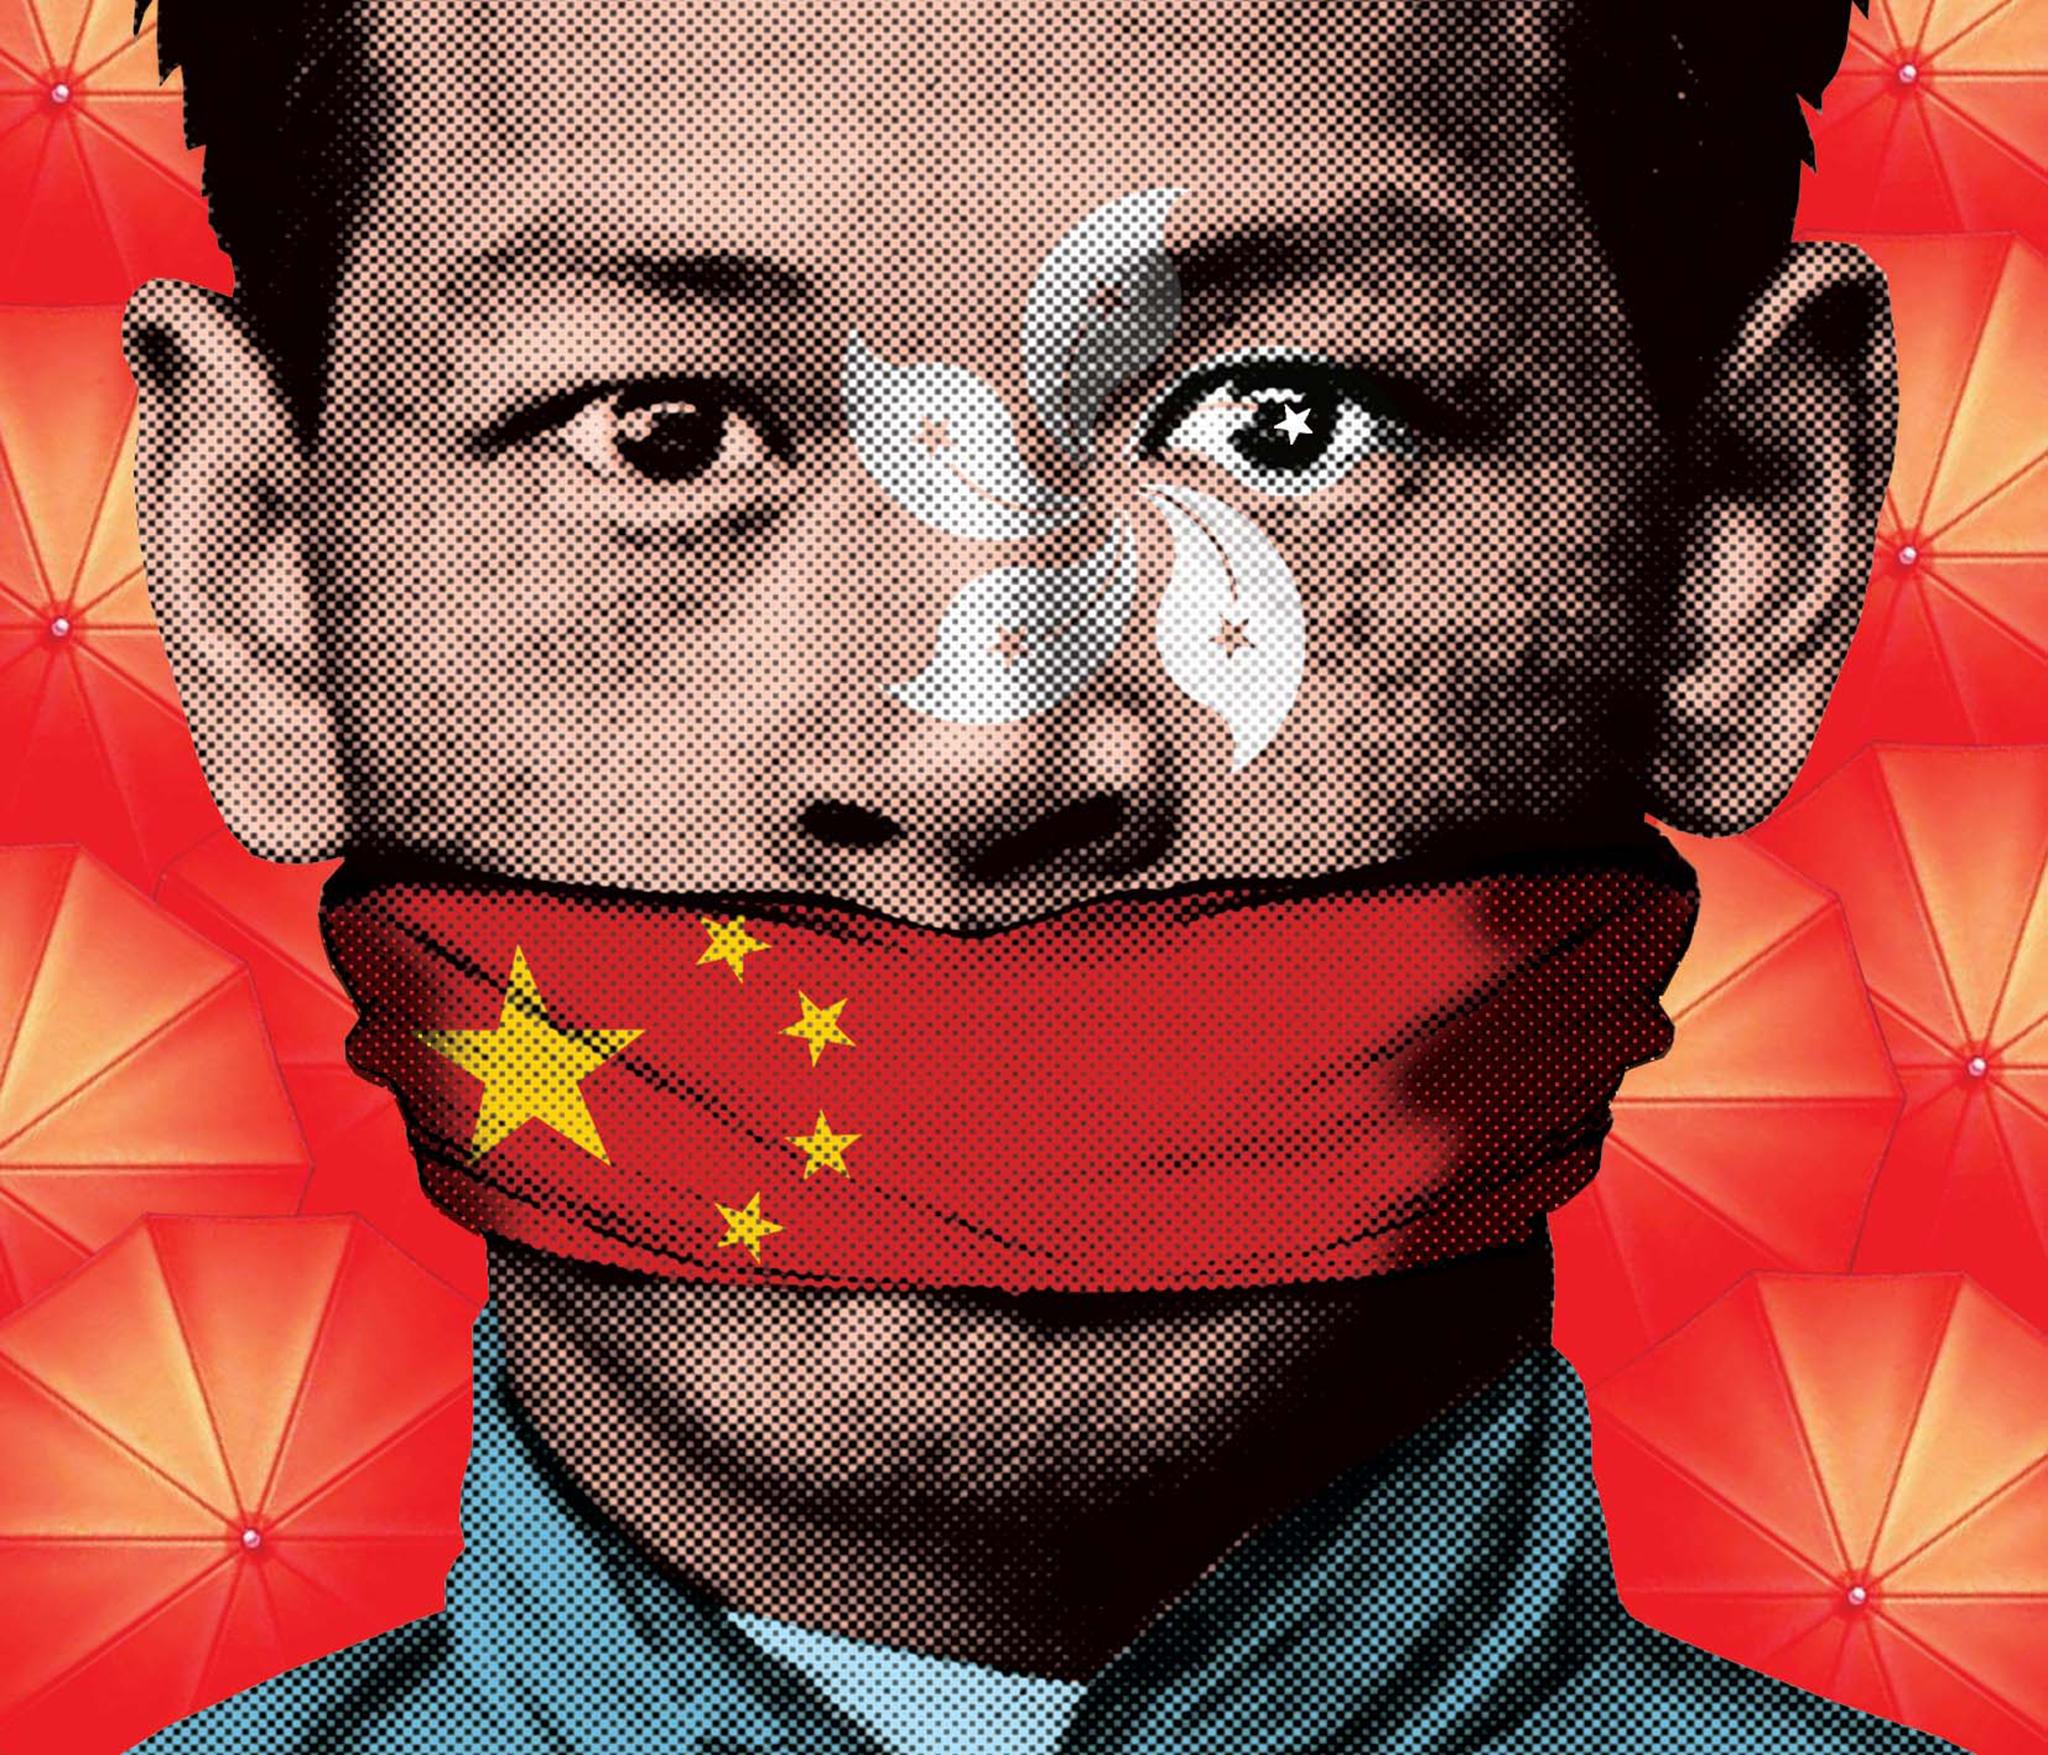 Relatório   Liberdades de Hong Kong diminuíram